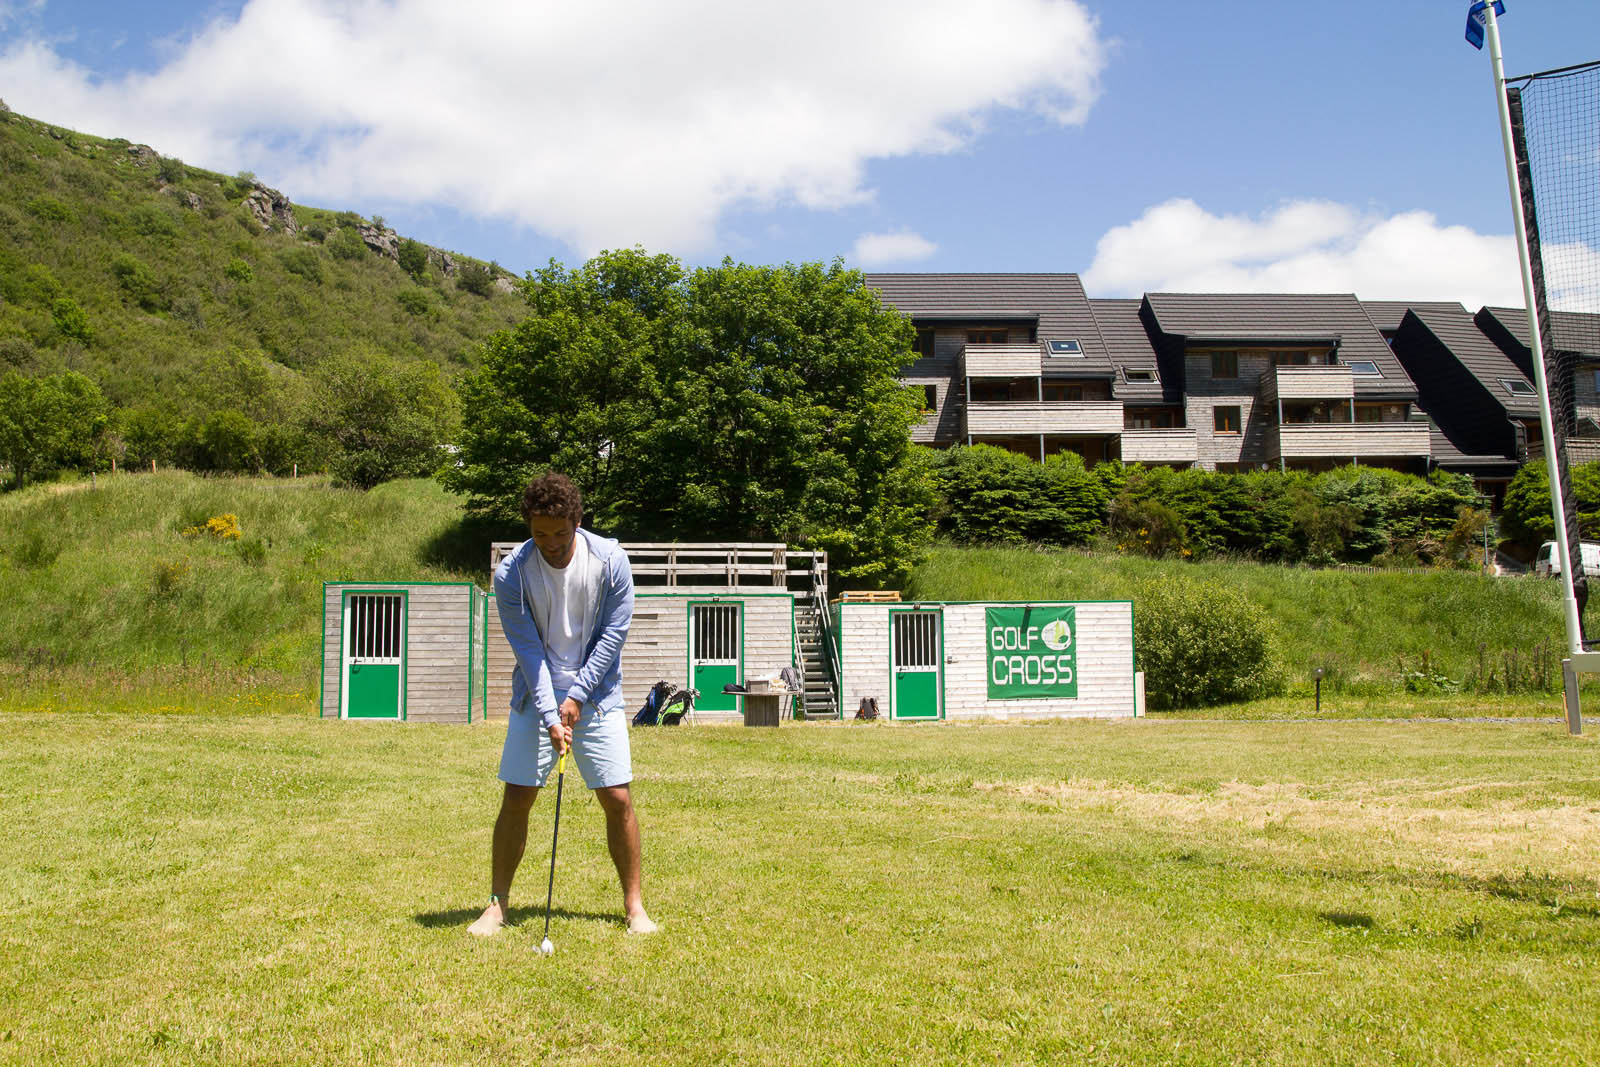 autre-joueur-golf-cross